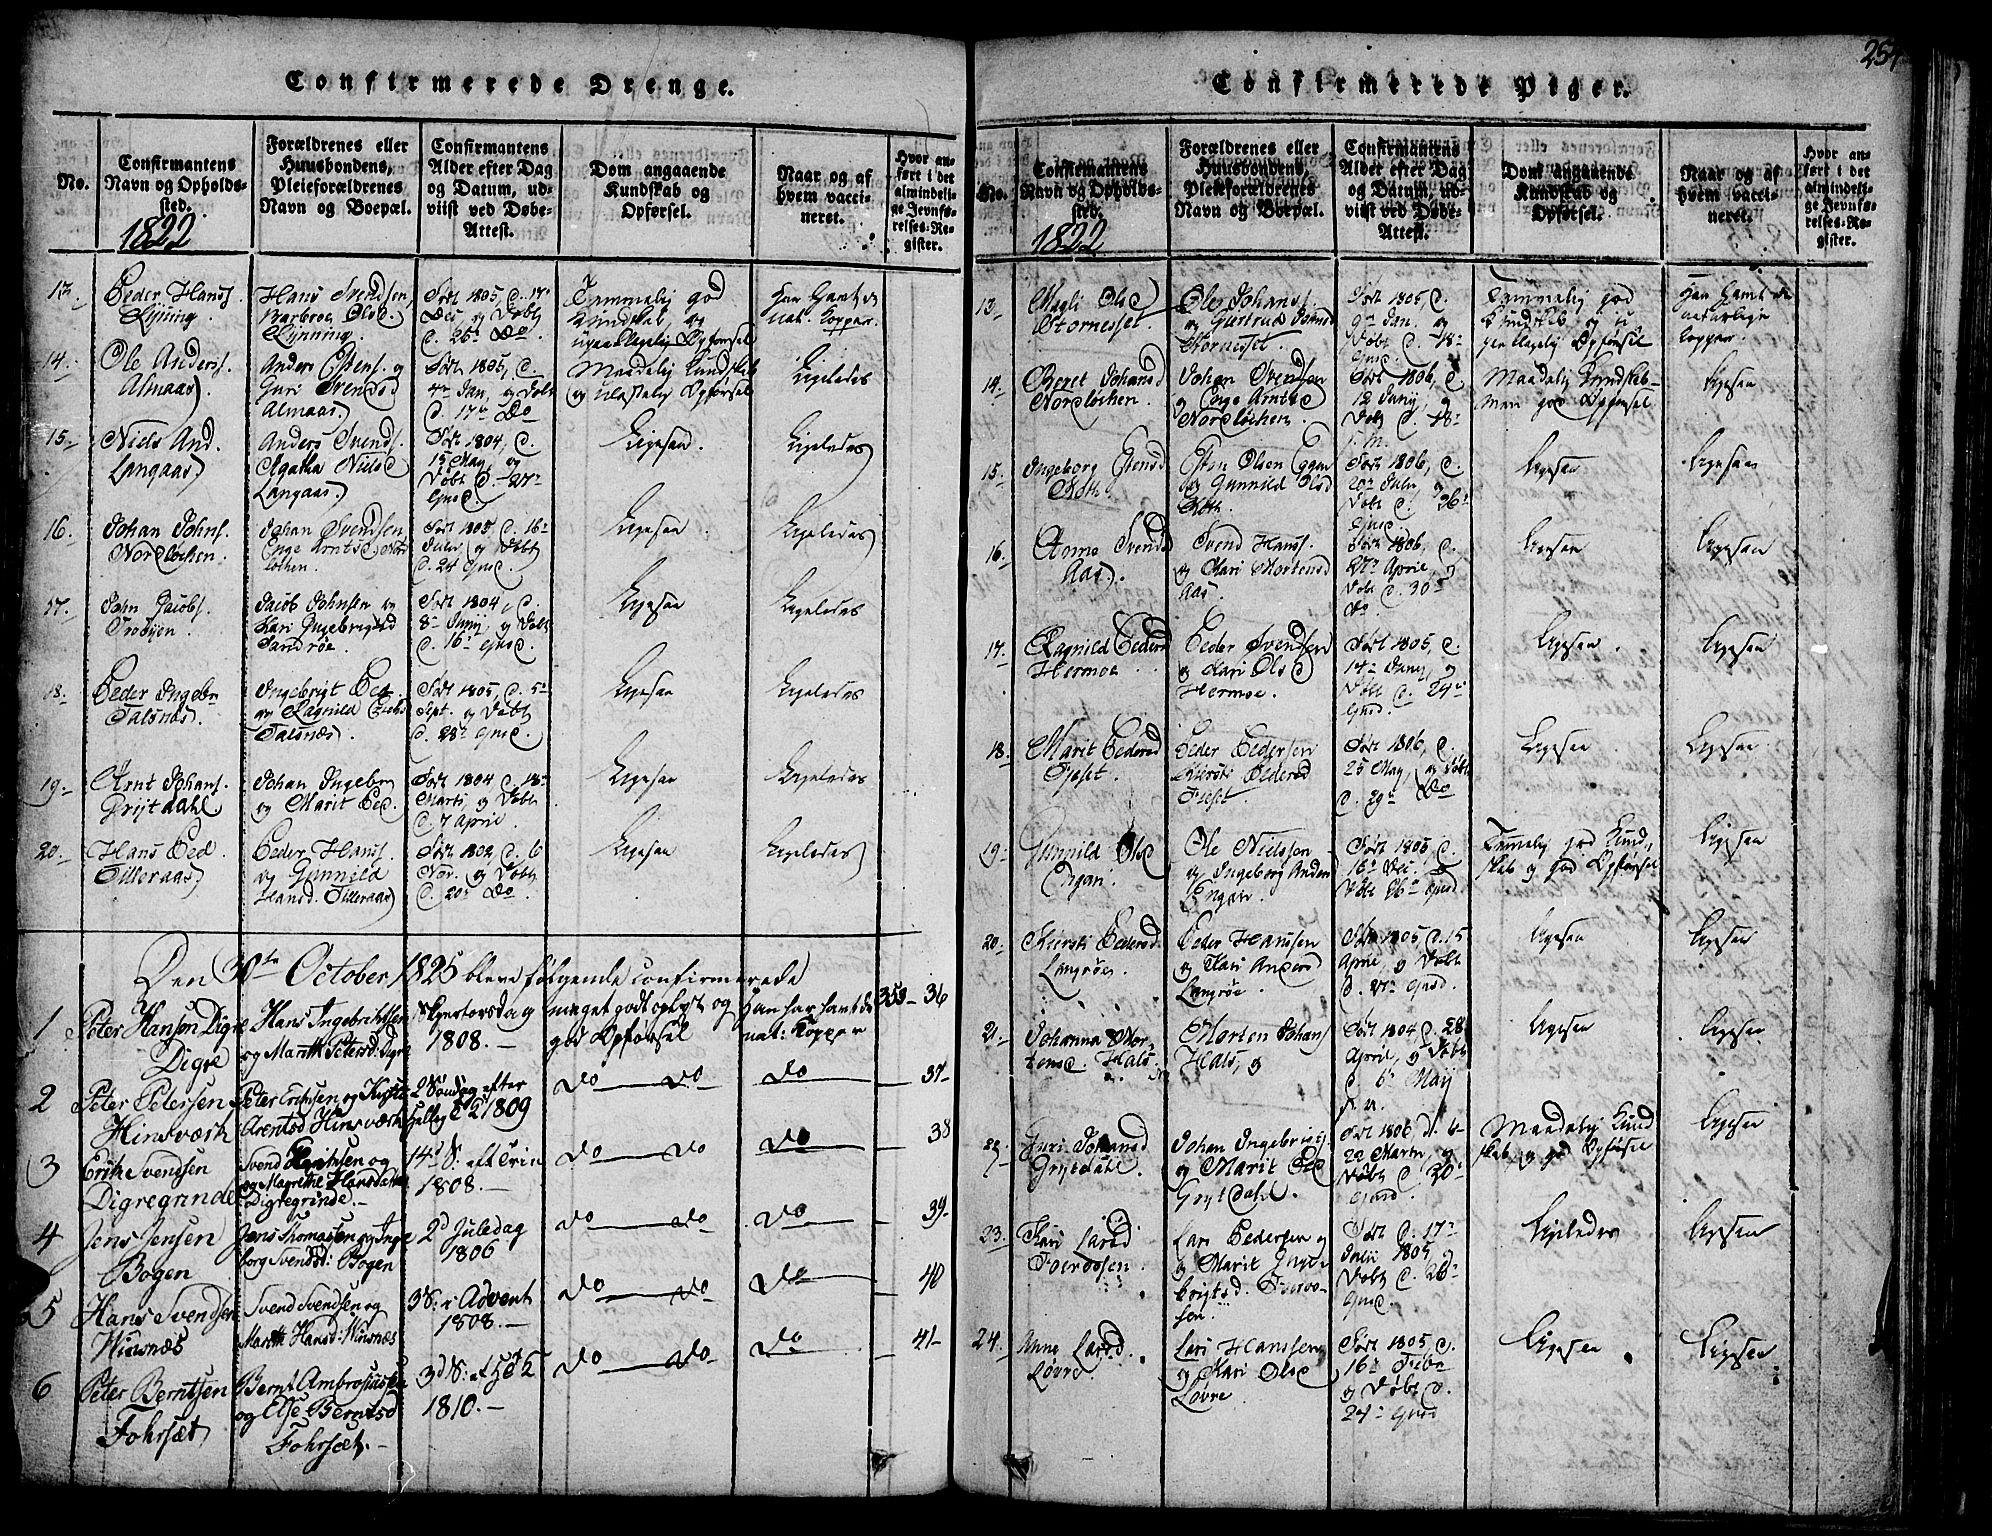 SAT, Ministerialprotokoller, klokkerbøker og fødselsregistre - Sør-Trøndelag, 685/L0955: Ministerialbok nr. 685A03 /2, 1817-1829, s. 254